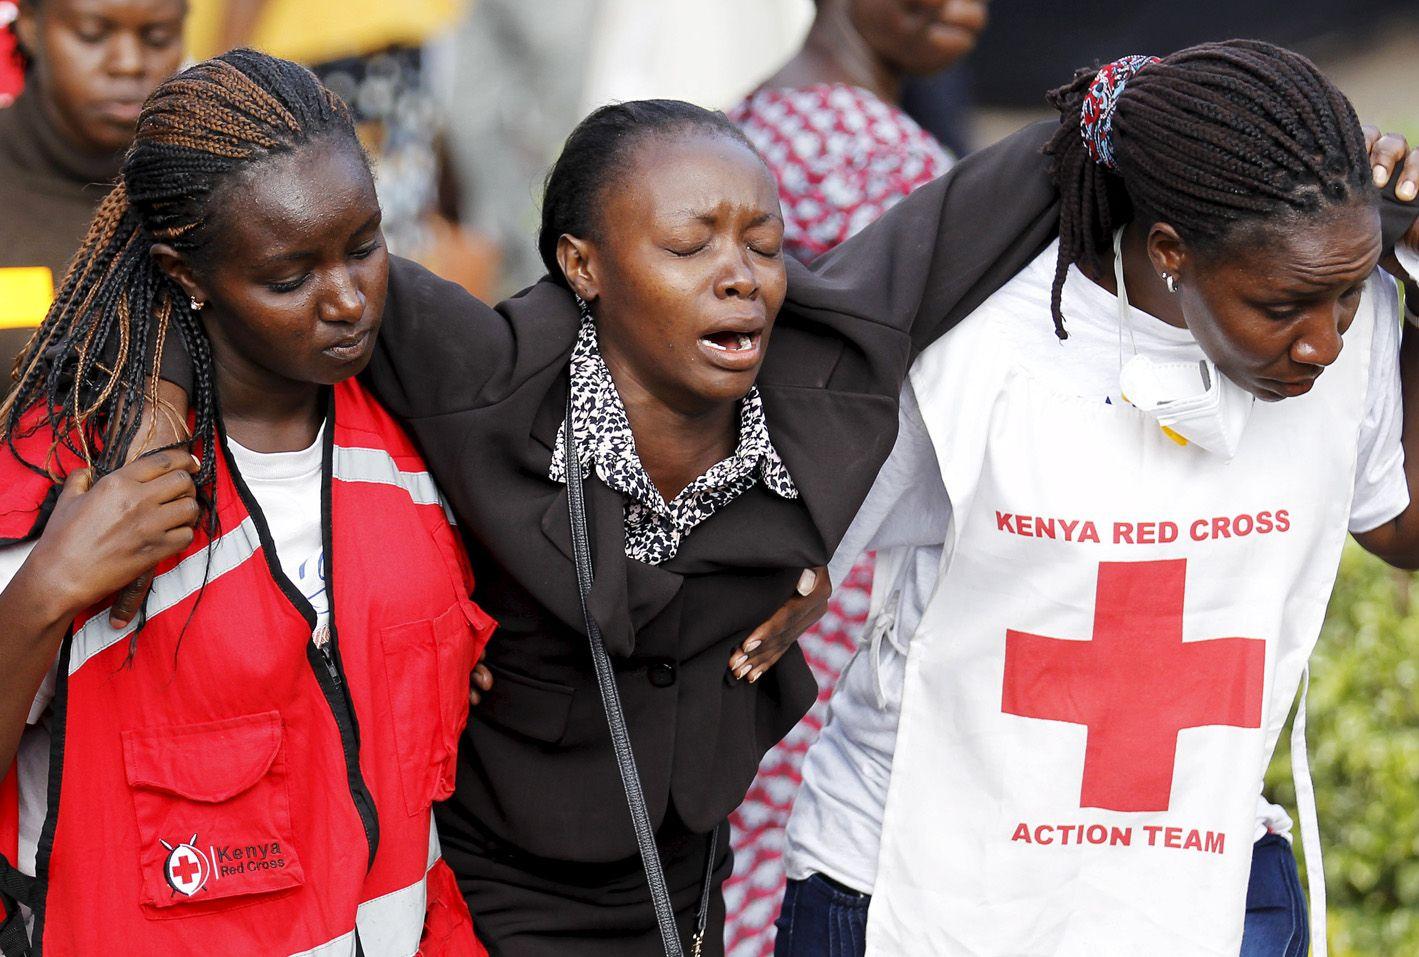 Demasiado dolor. La madre de uno de los estudiantes asesinados es asistida por la Cruz Roja en Nairobi.